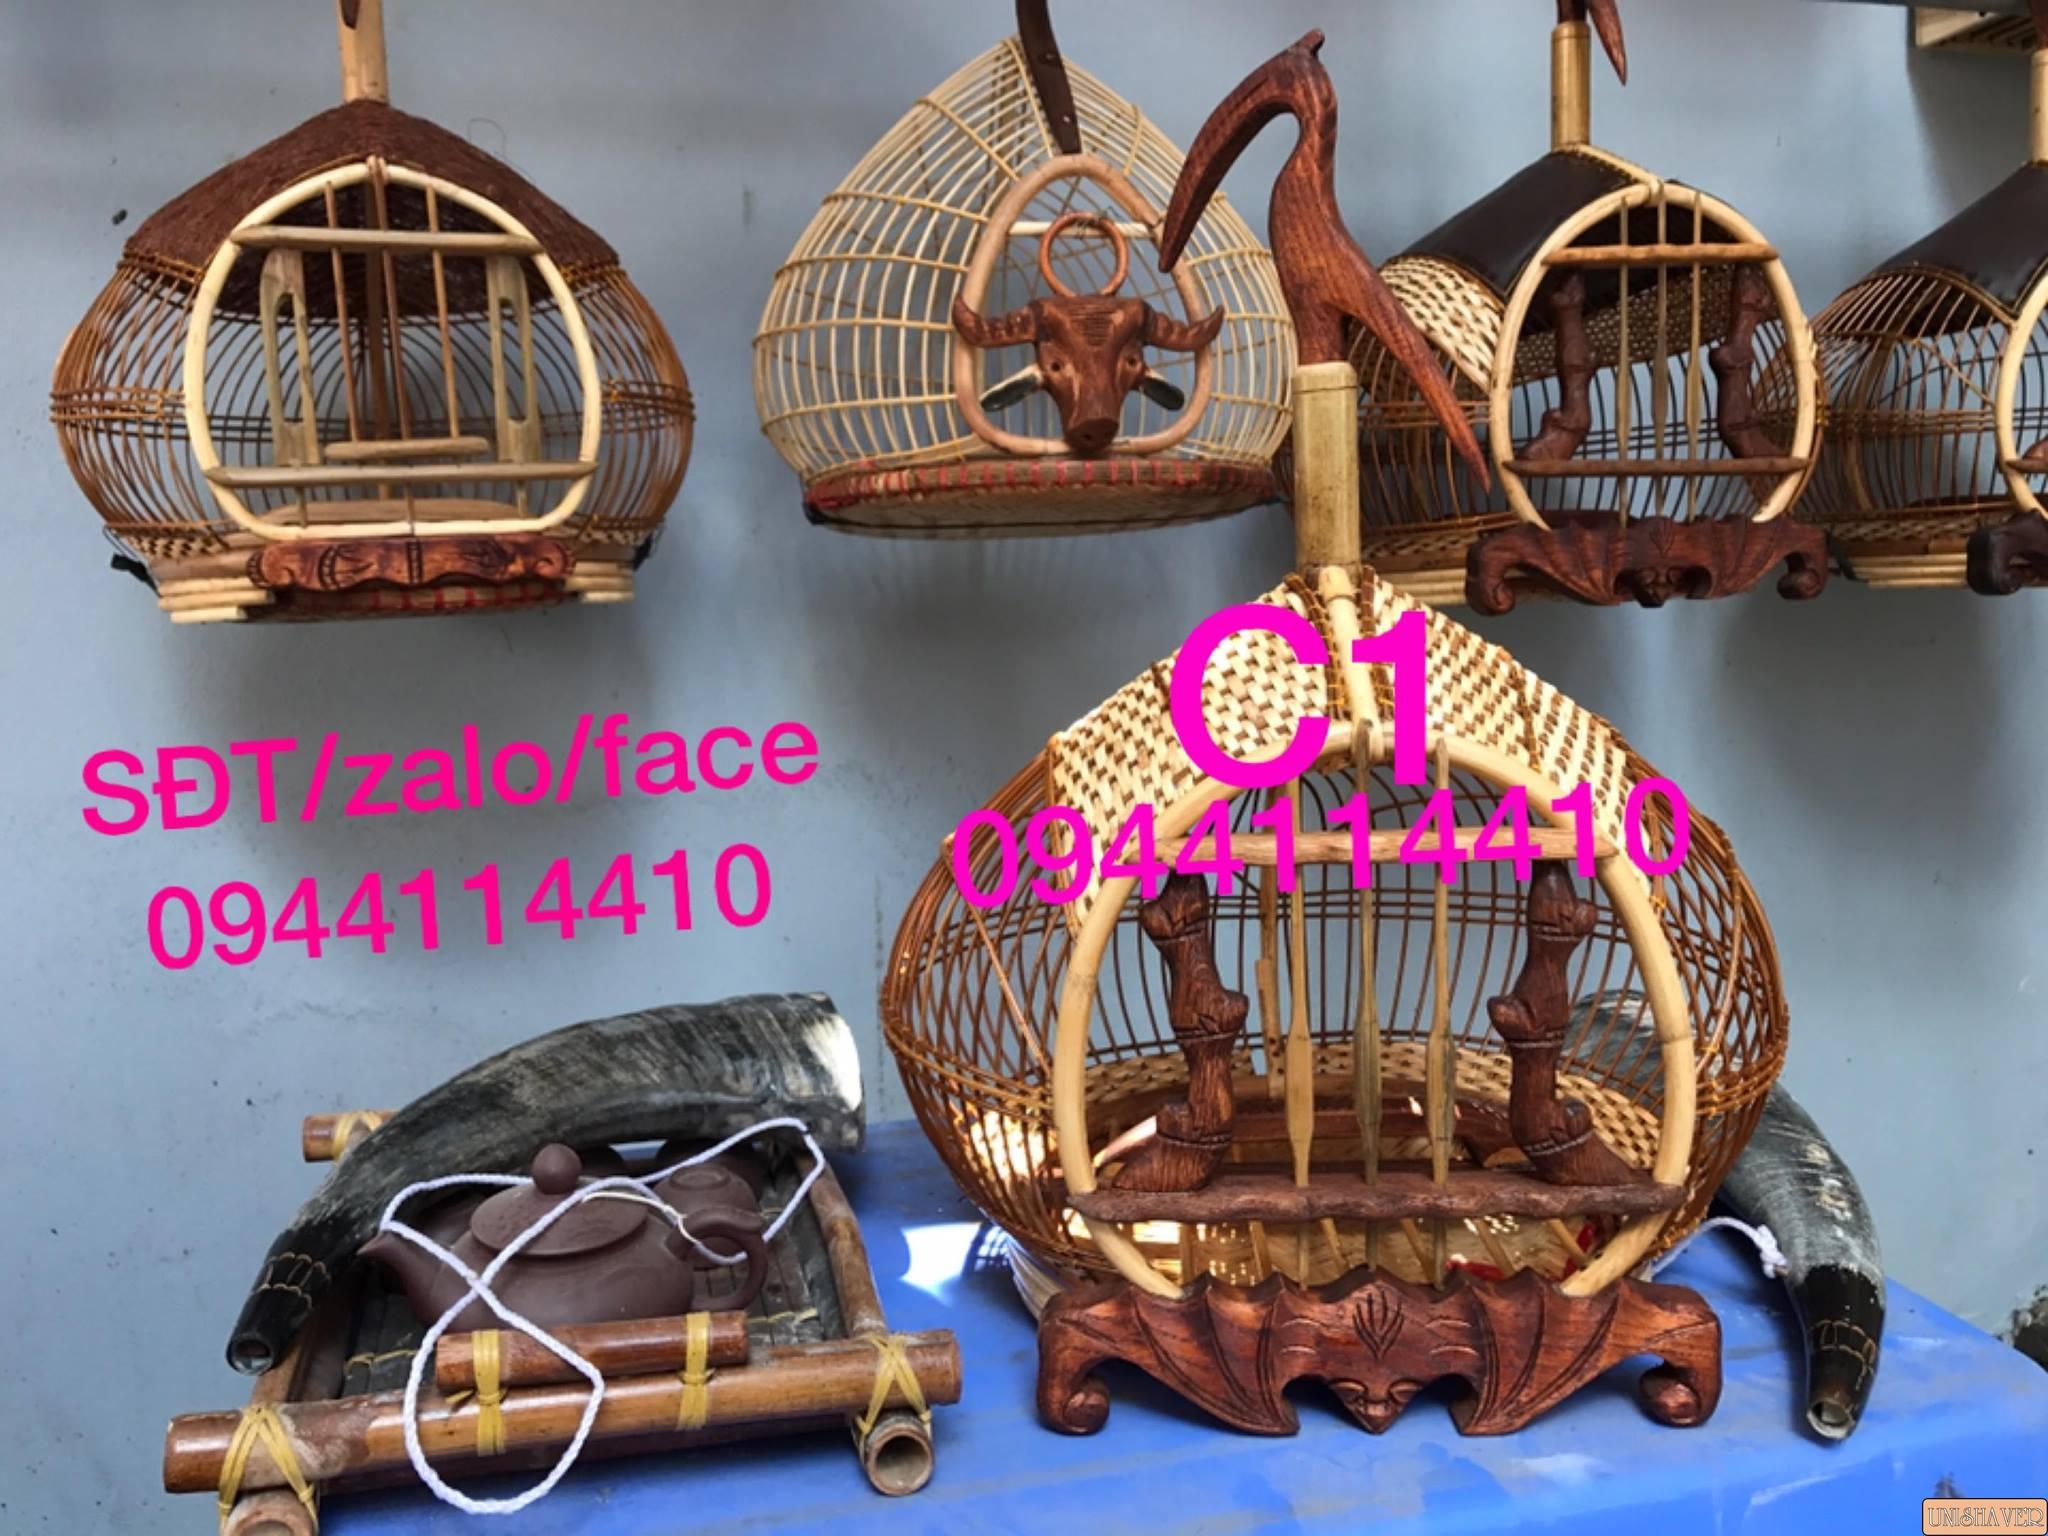 Lồng cu gáy quả đào các mẫu của Chim Cảnh Đất Việt SĐT/zalo/face 0944114410